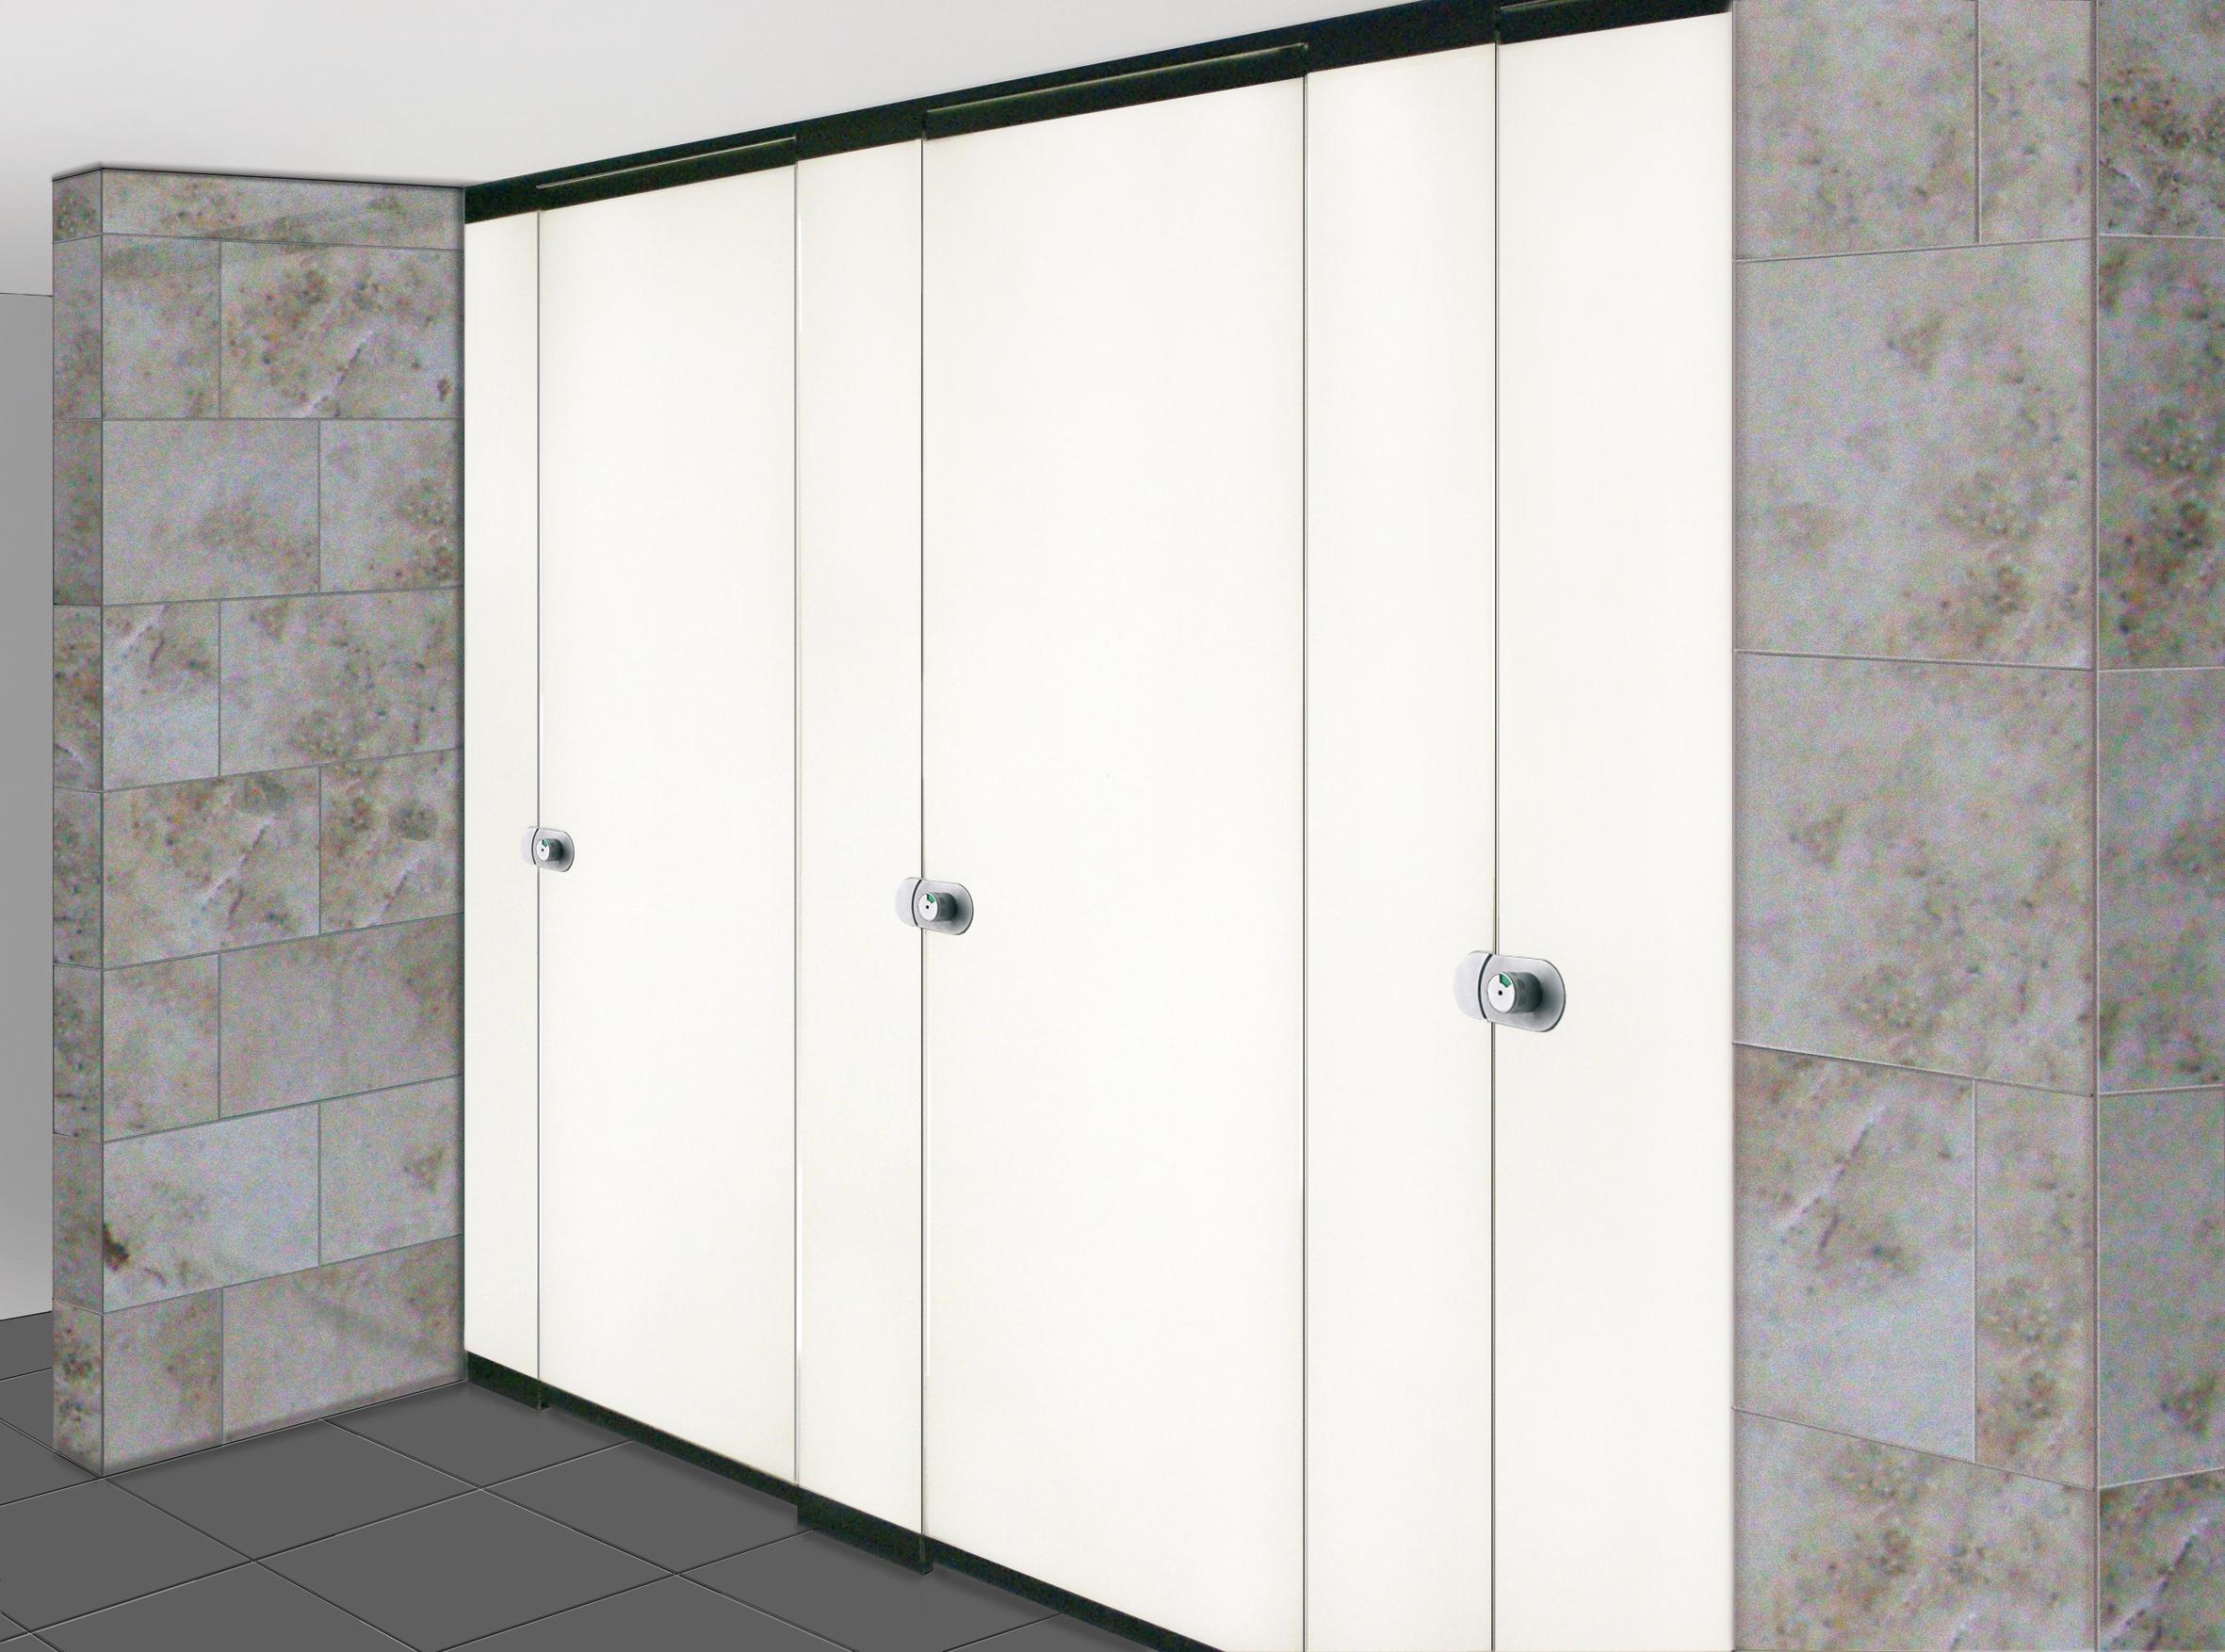 tws 300 trennwandsystem von sprinz architonic. Black Bedroom Furniture Sets. Home Design Ideas